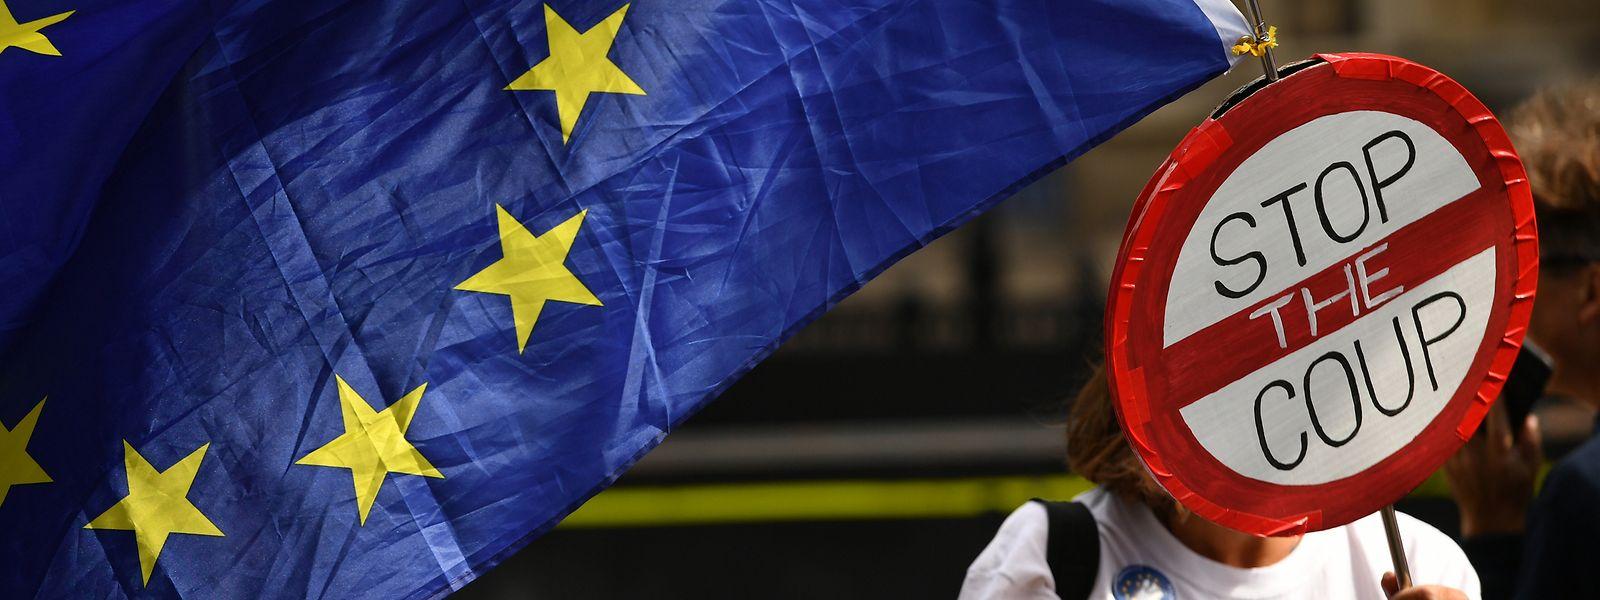 La Commission européenne a rappelé le risque de perturbations majeures en cas de départ brutal du Royaume-Uni.